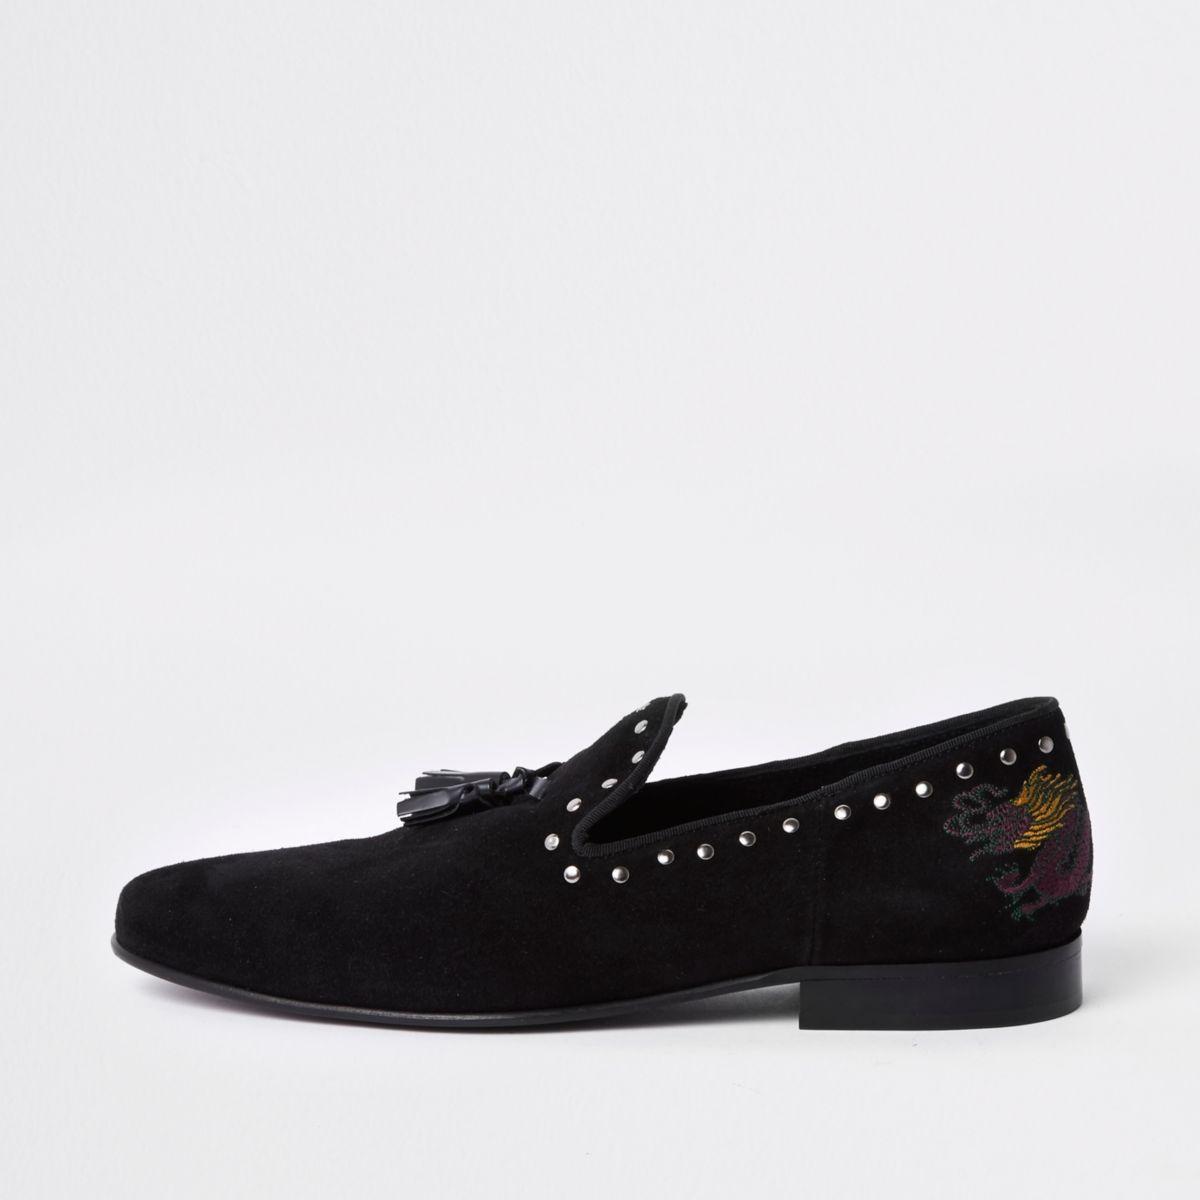 Black studded dragon embroidered loafer